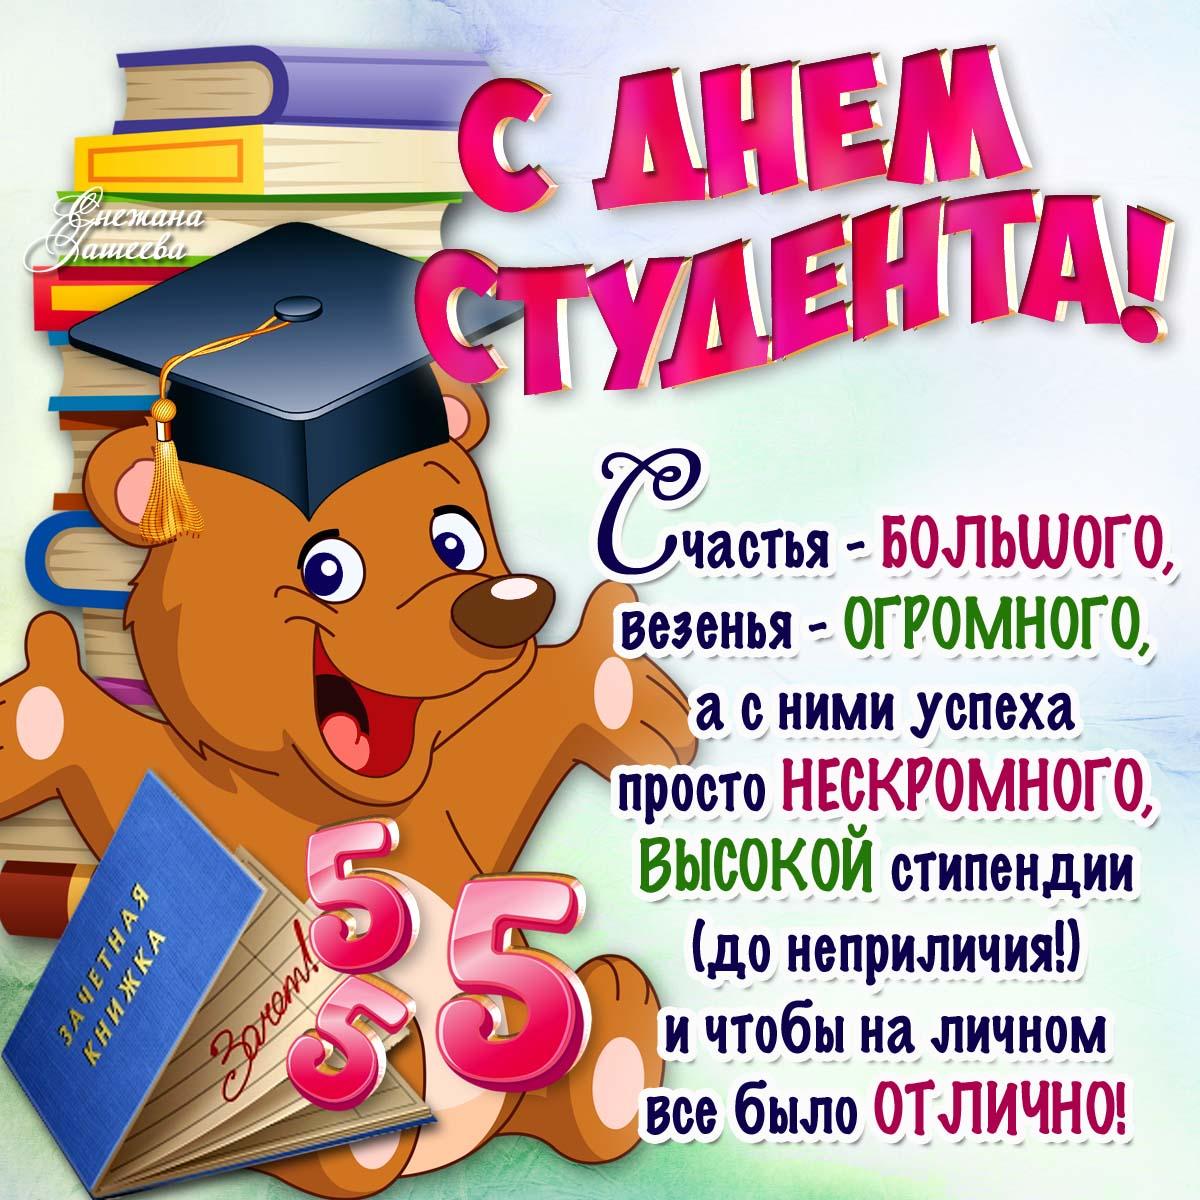 Слова поздравления с днем студента